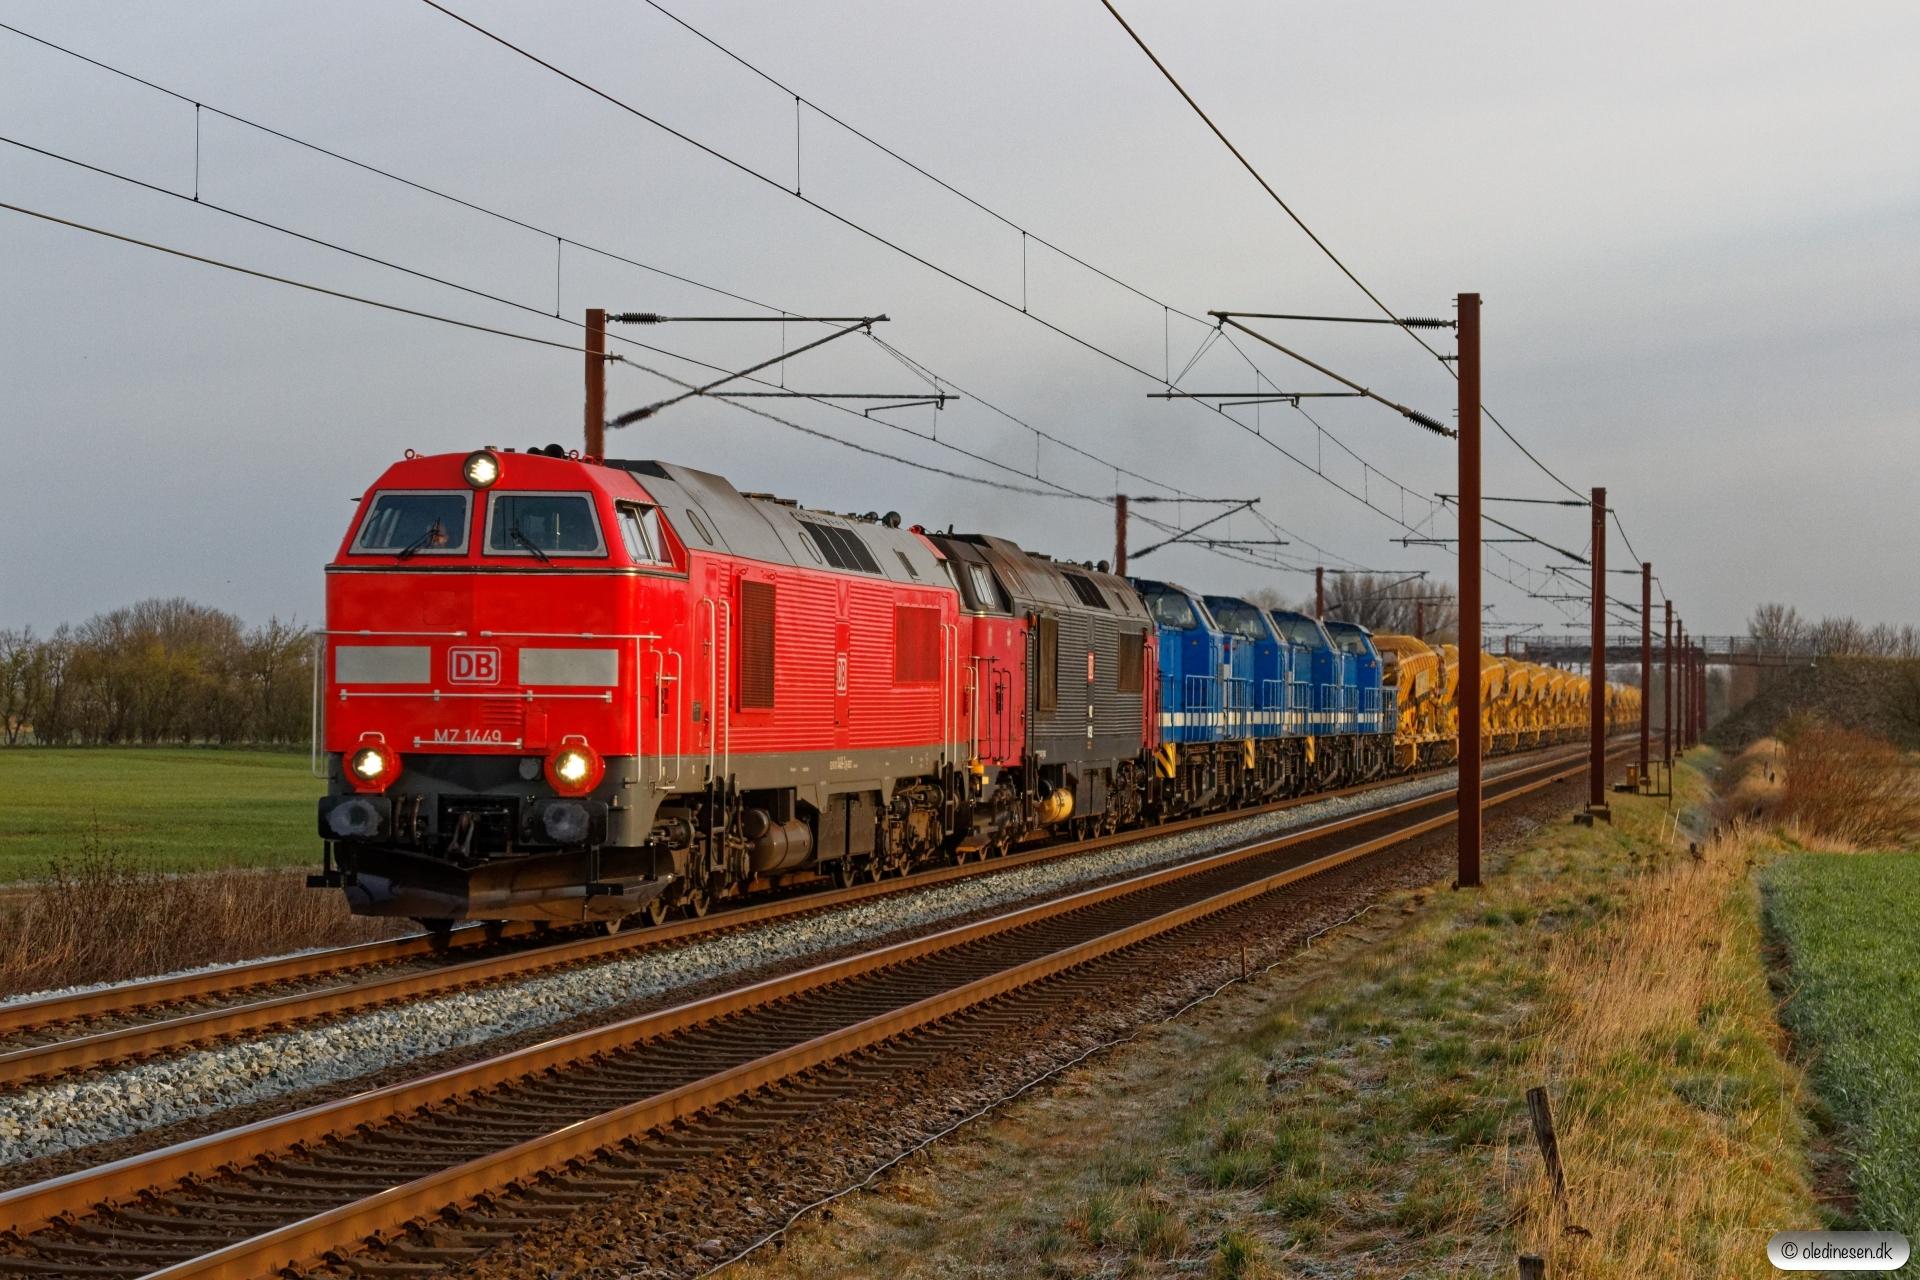 DBCSC MZ 1449+MZ 1452+SLG V 100-SP-006+V 100-SP-004+V 100-SP-007+V 100-SP-010 med G 306103 Rd-Pa. Km 54,8 Fa (Sommersted-Vojens) 10.04.2020.